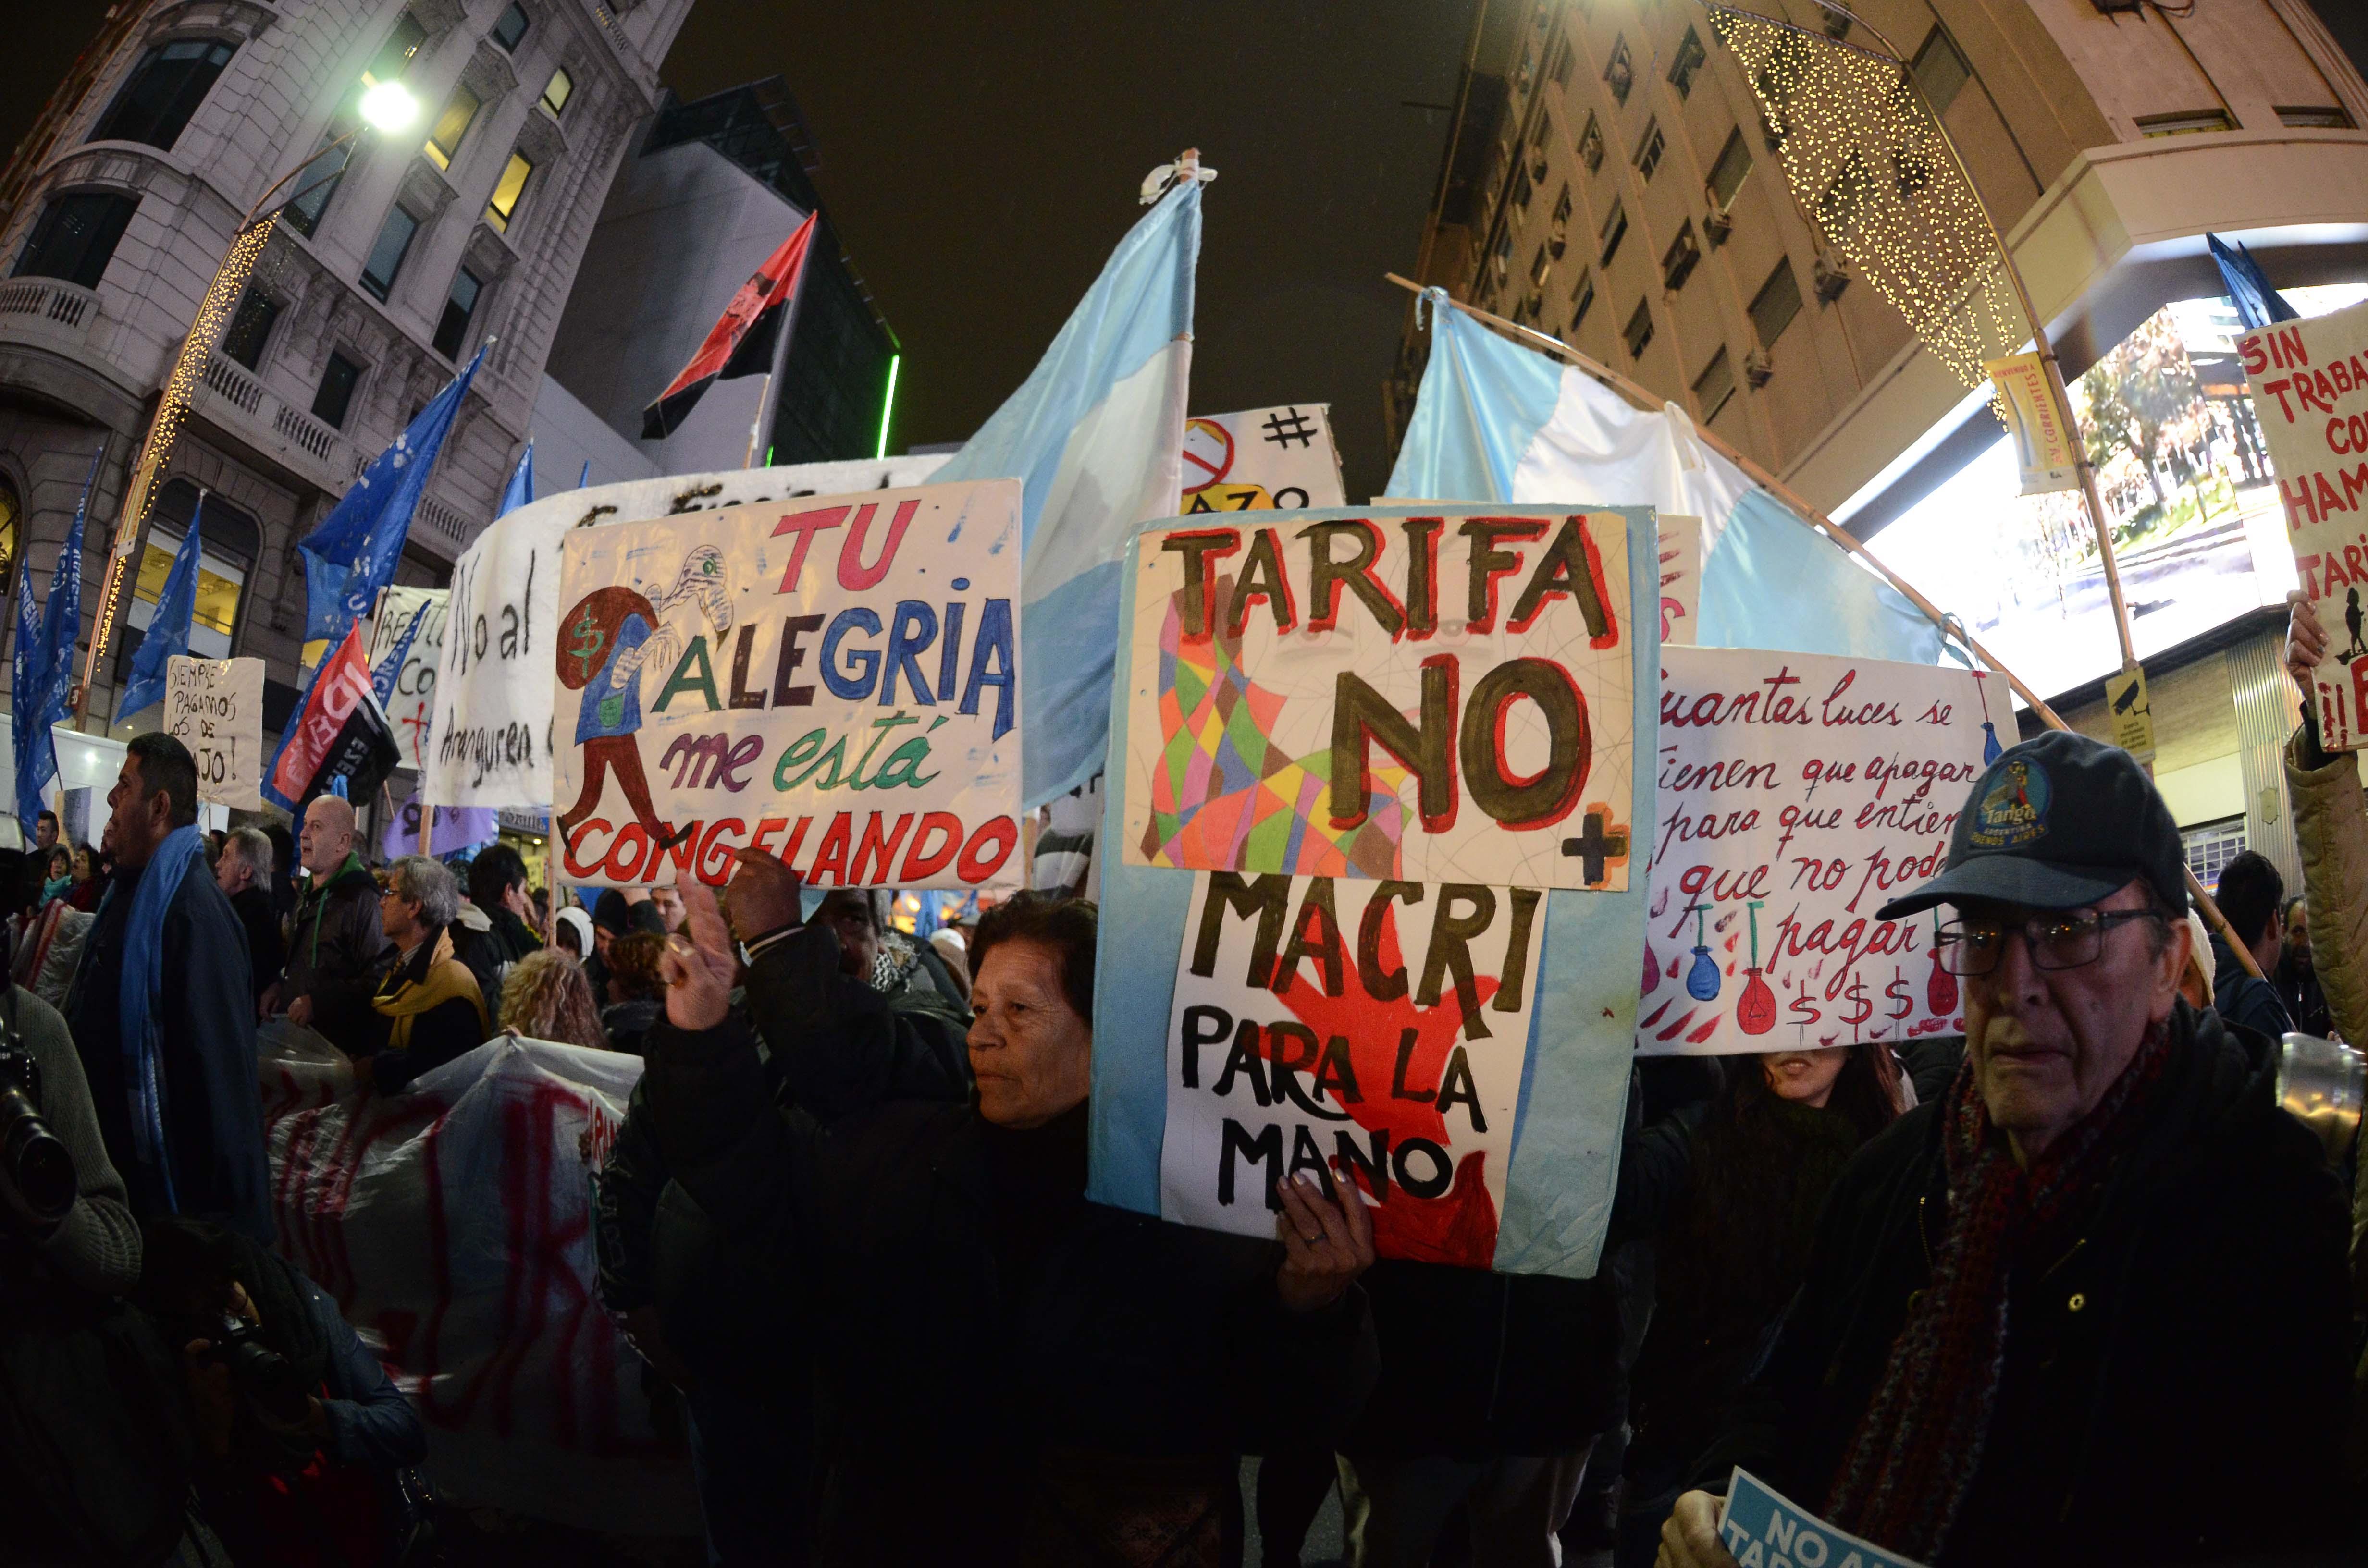 DYN48, BUENOS AIRES 14/07/2016, ASOCIACIONES DE CONSUMIDORES, ORGANIZACIONES POLÍTICAS, SOCIALES, SINDICALES, ESTUDIANTILES Y DE DDHH, CONVOCARON  A UN CACEROLAZO Y BOCINAZO CONTRA EL TARIFAZO EN LOS SERVICIOS PÚBLICOS.FOTO:DYN/JAVIER BRUSCO.